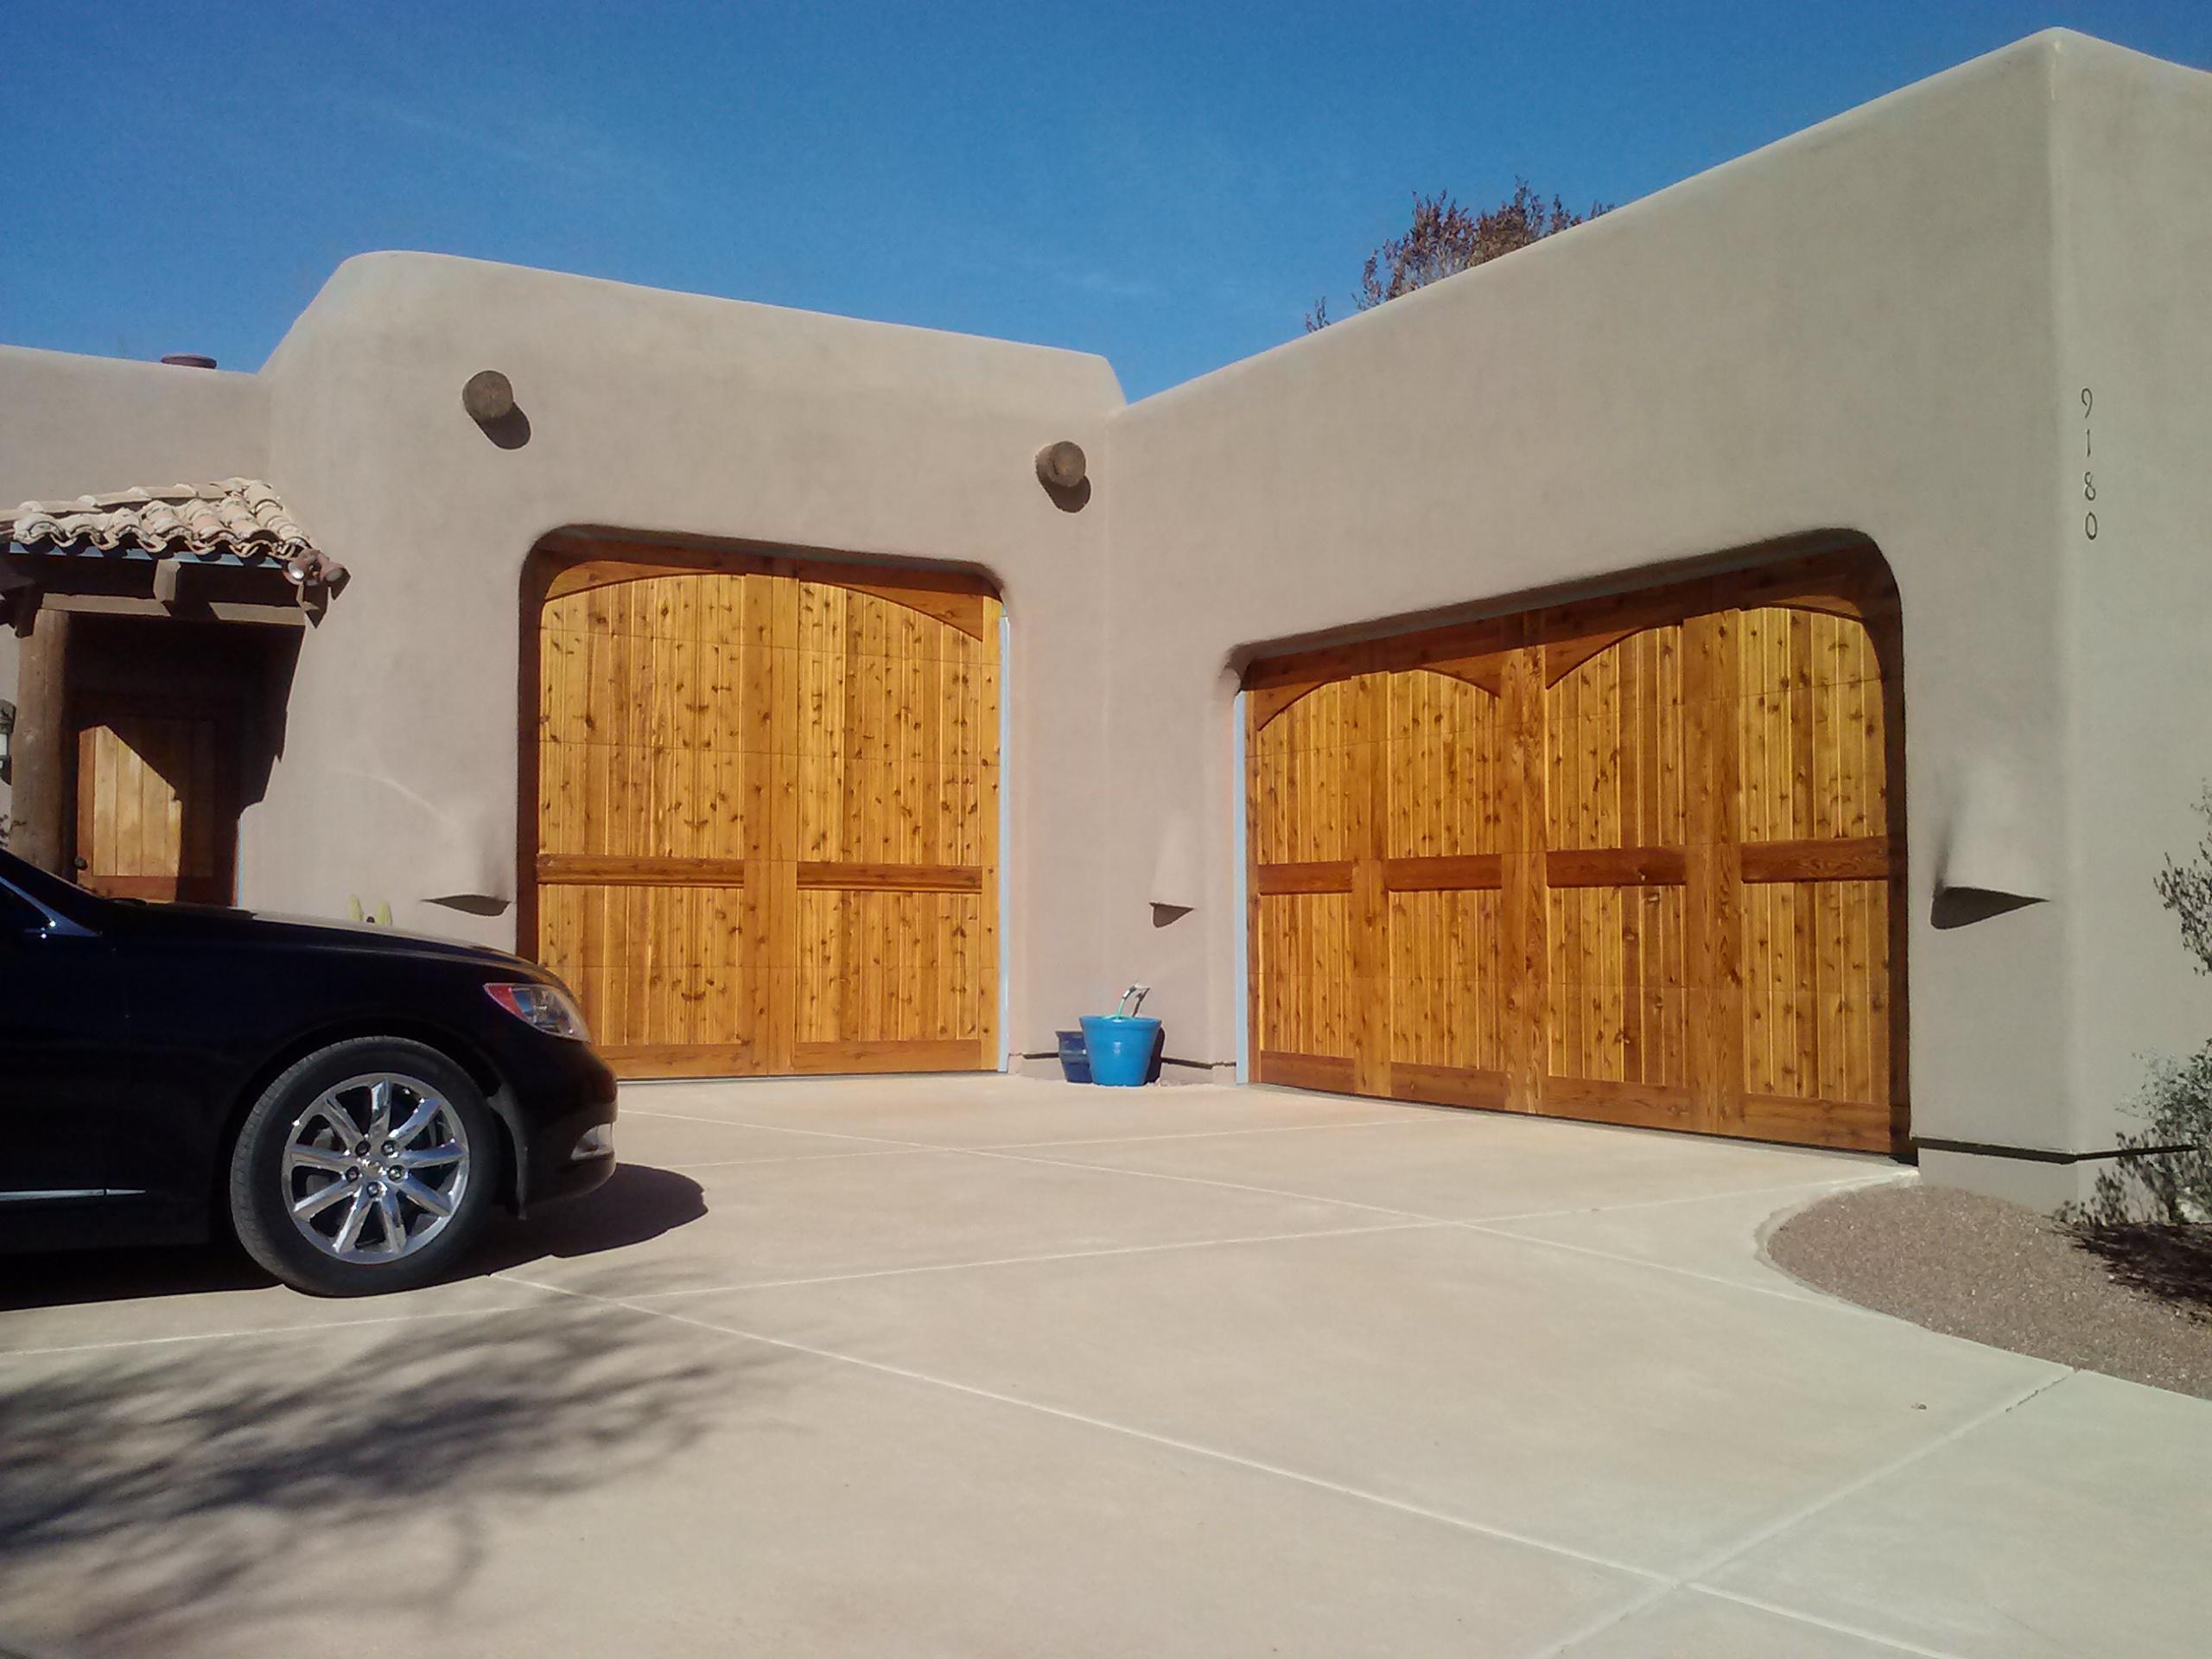 Door tech garage doors phoenix phoenix arizona az for Garage door phoenix az